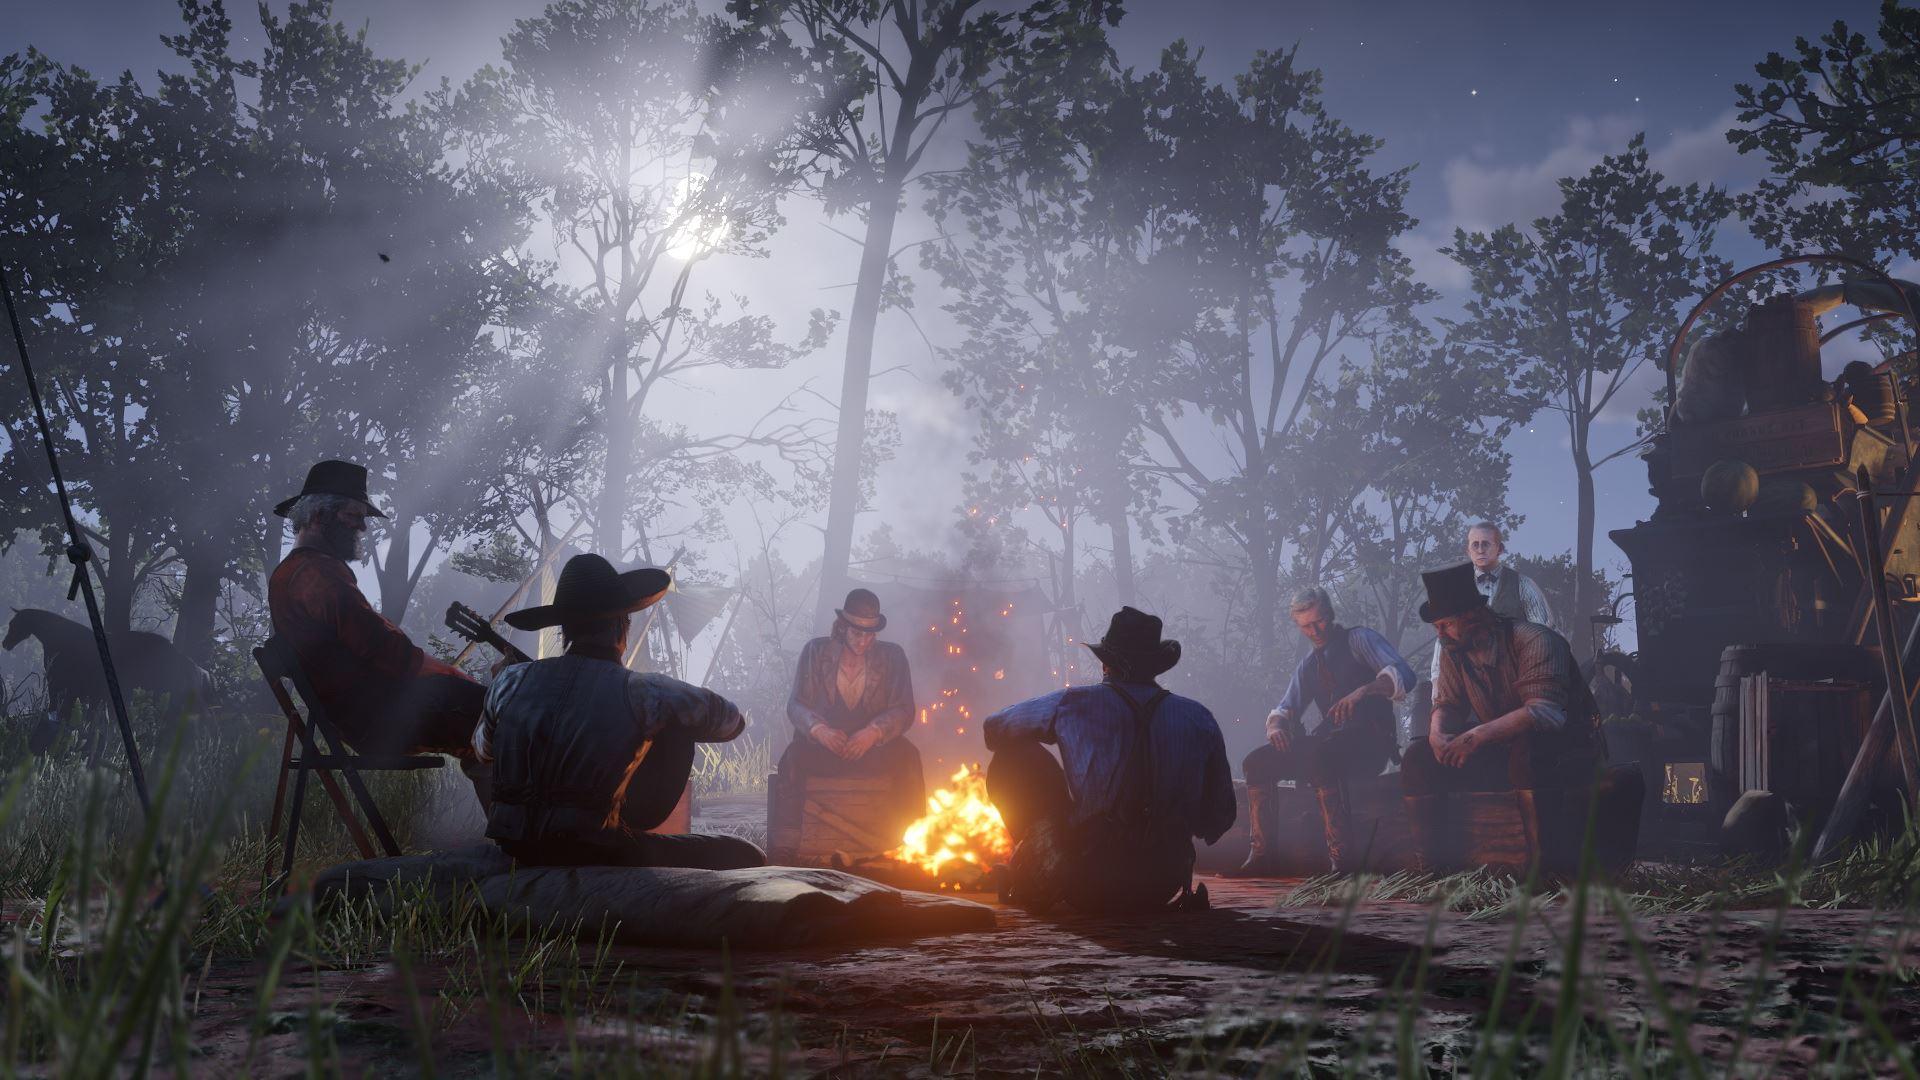 Neue Screenshots zu Red Dead Redemption 2 zeigen Tierwelt, Open World und Charaktere. Bild 4 - Quelle: Rockstar Games